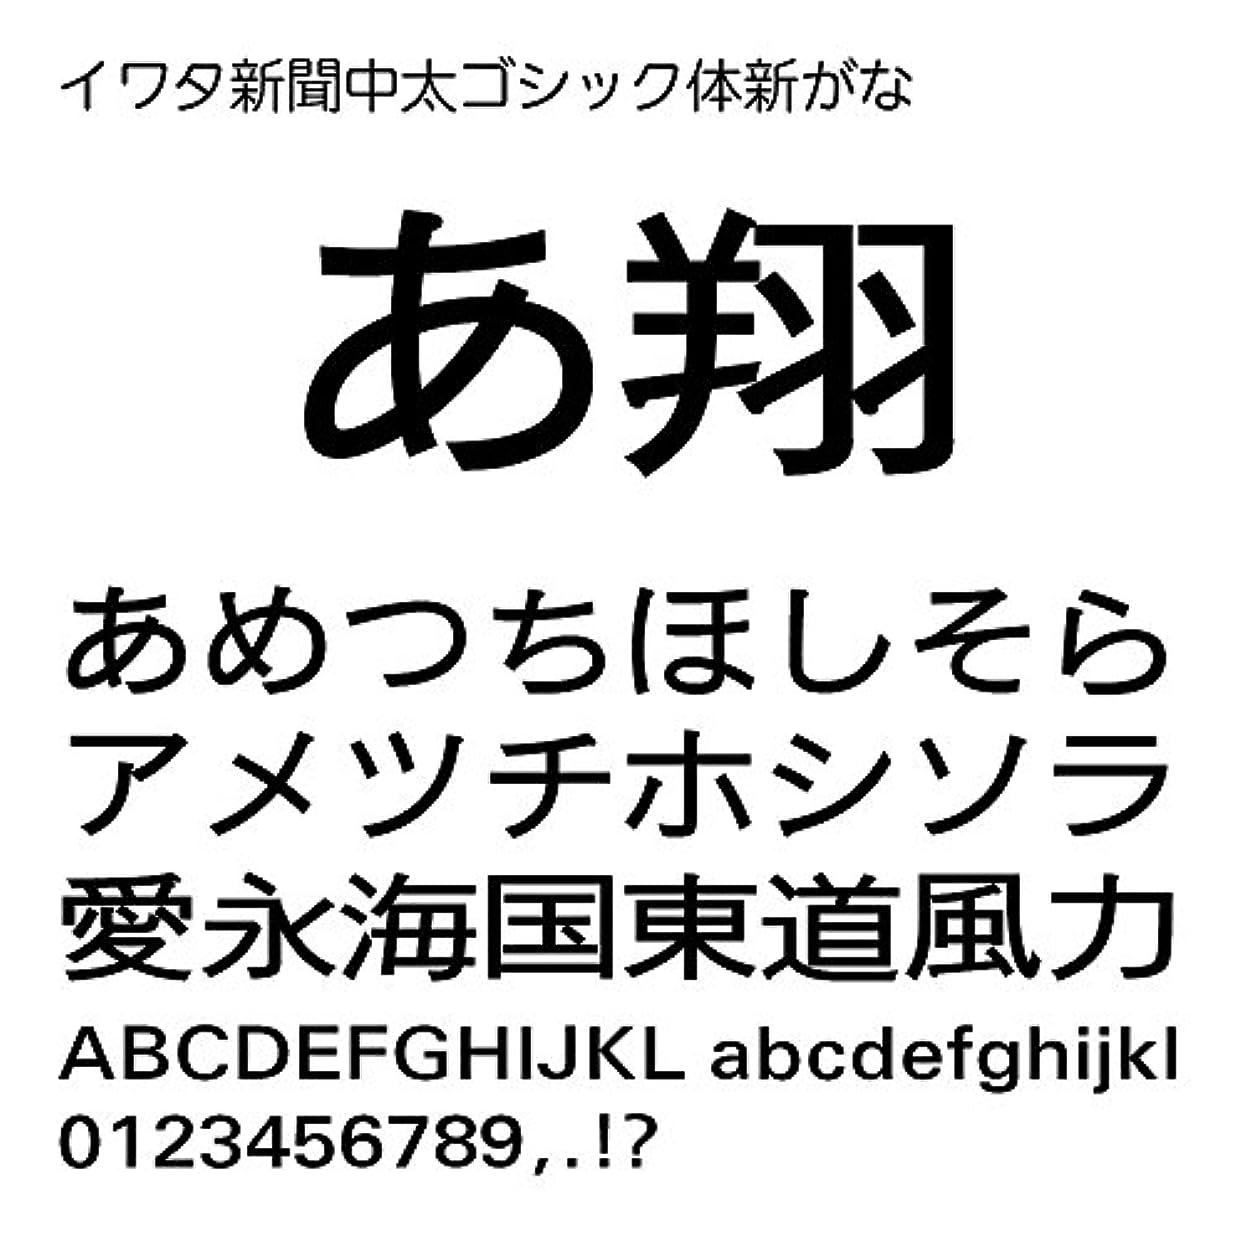 財布フェデレーションマーガレットミッチェルイワタ新聞中太ゴシック体新がなPro OpenType Font for Windows [ダウンロード]